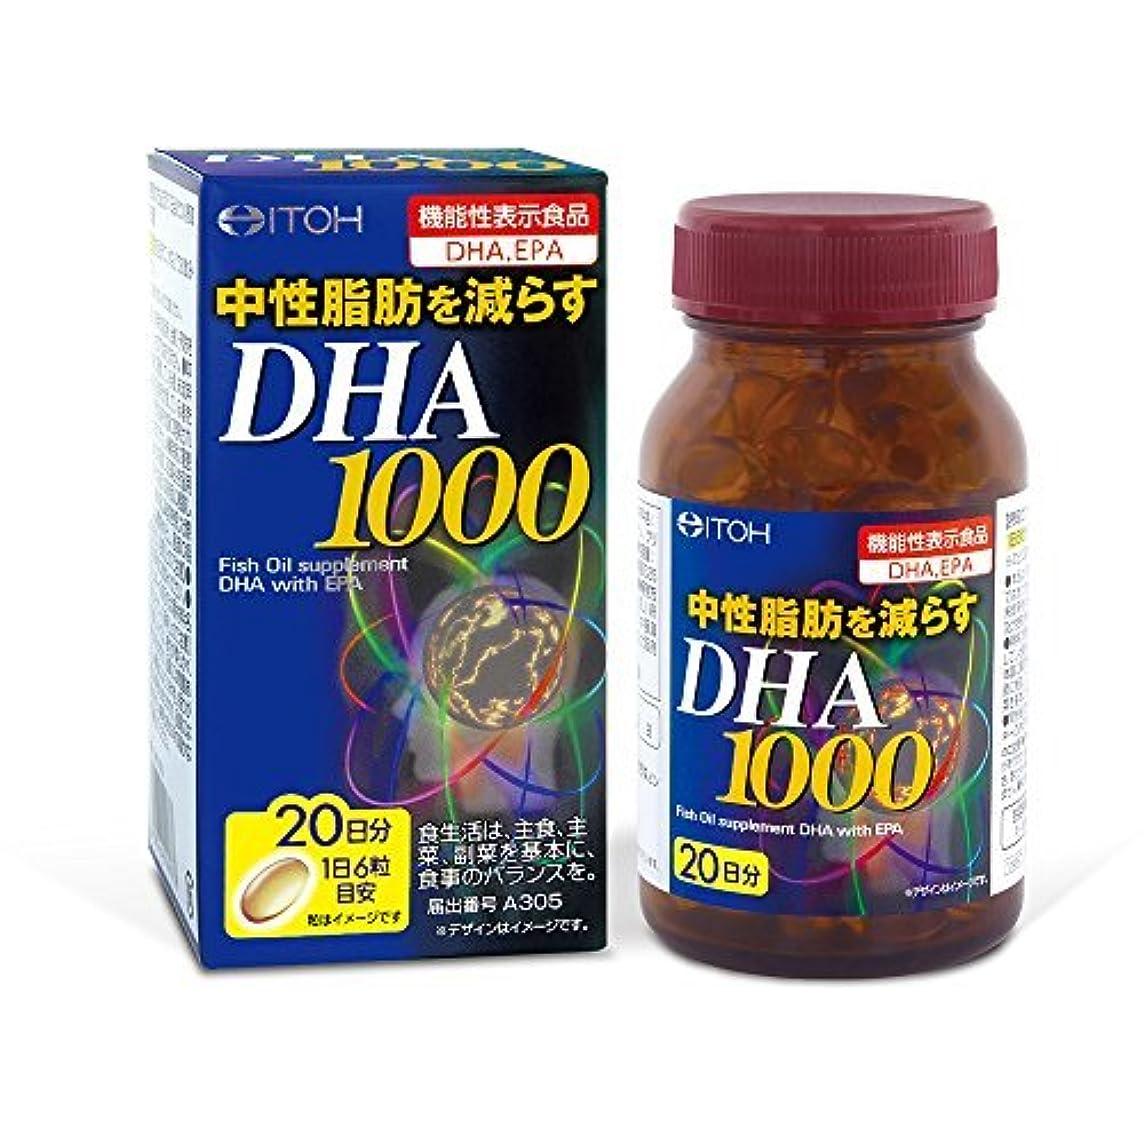 寄り添う認証オープナー井藤漢方製薬 DHA1000 約20日分 120粒 Japan